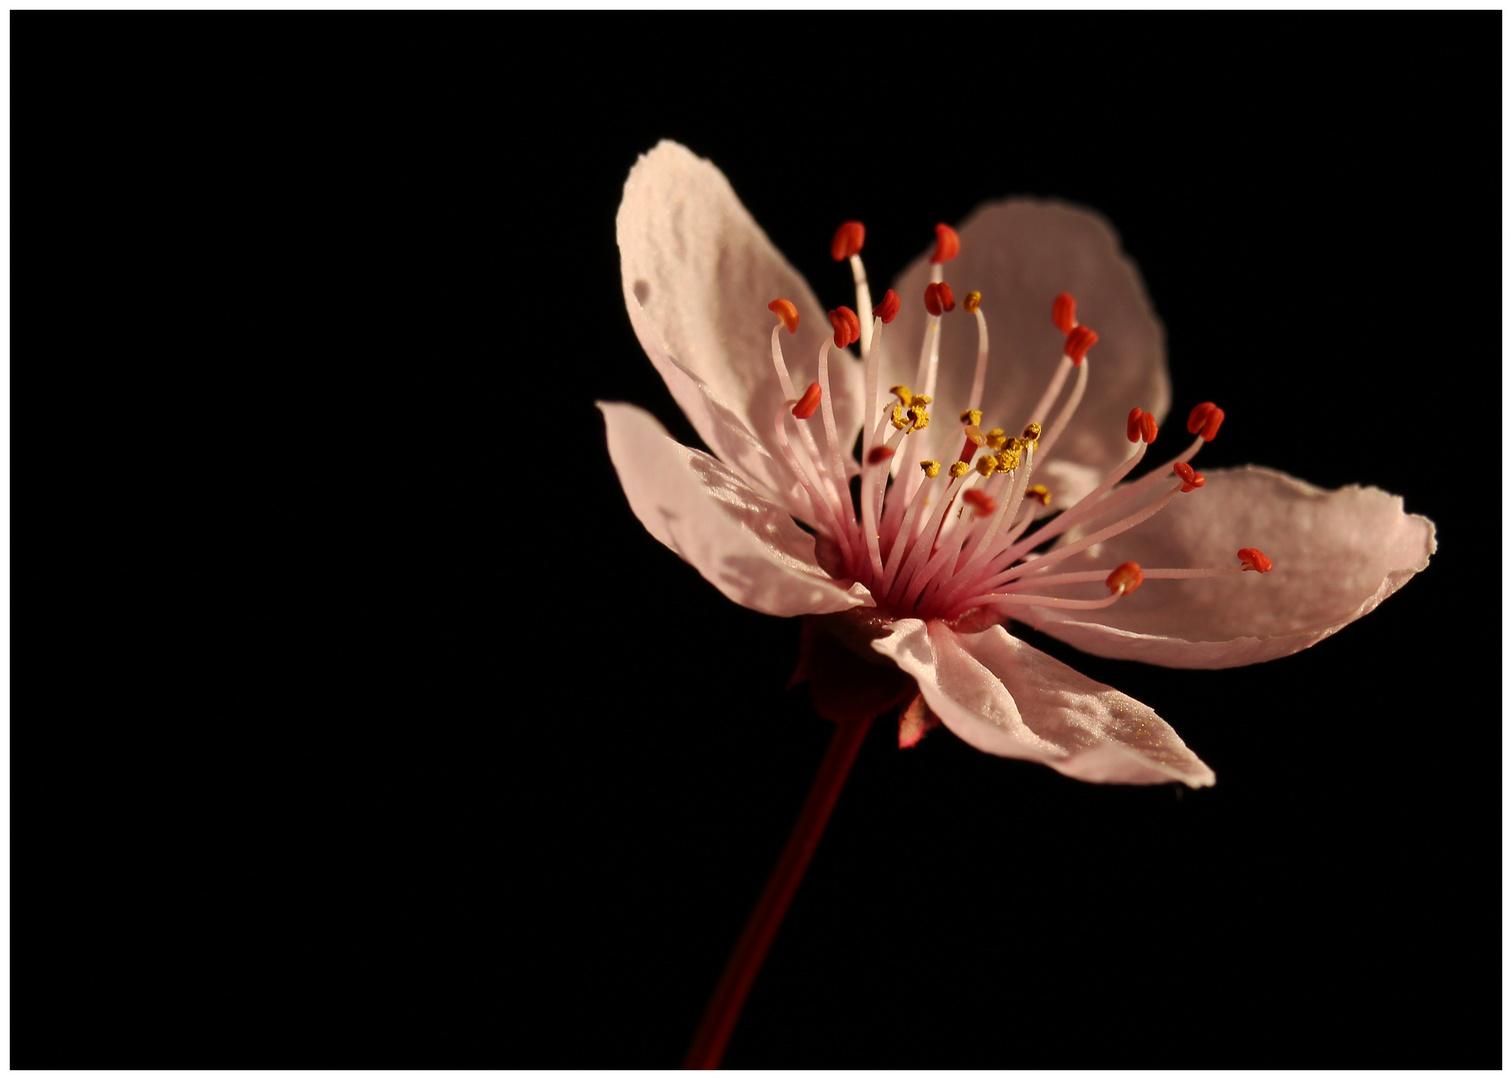 eine Blüte von Tausenden